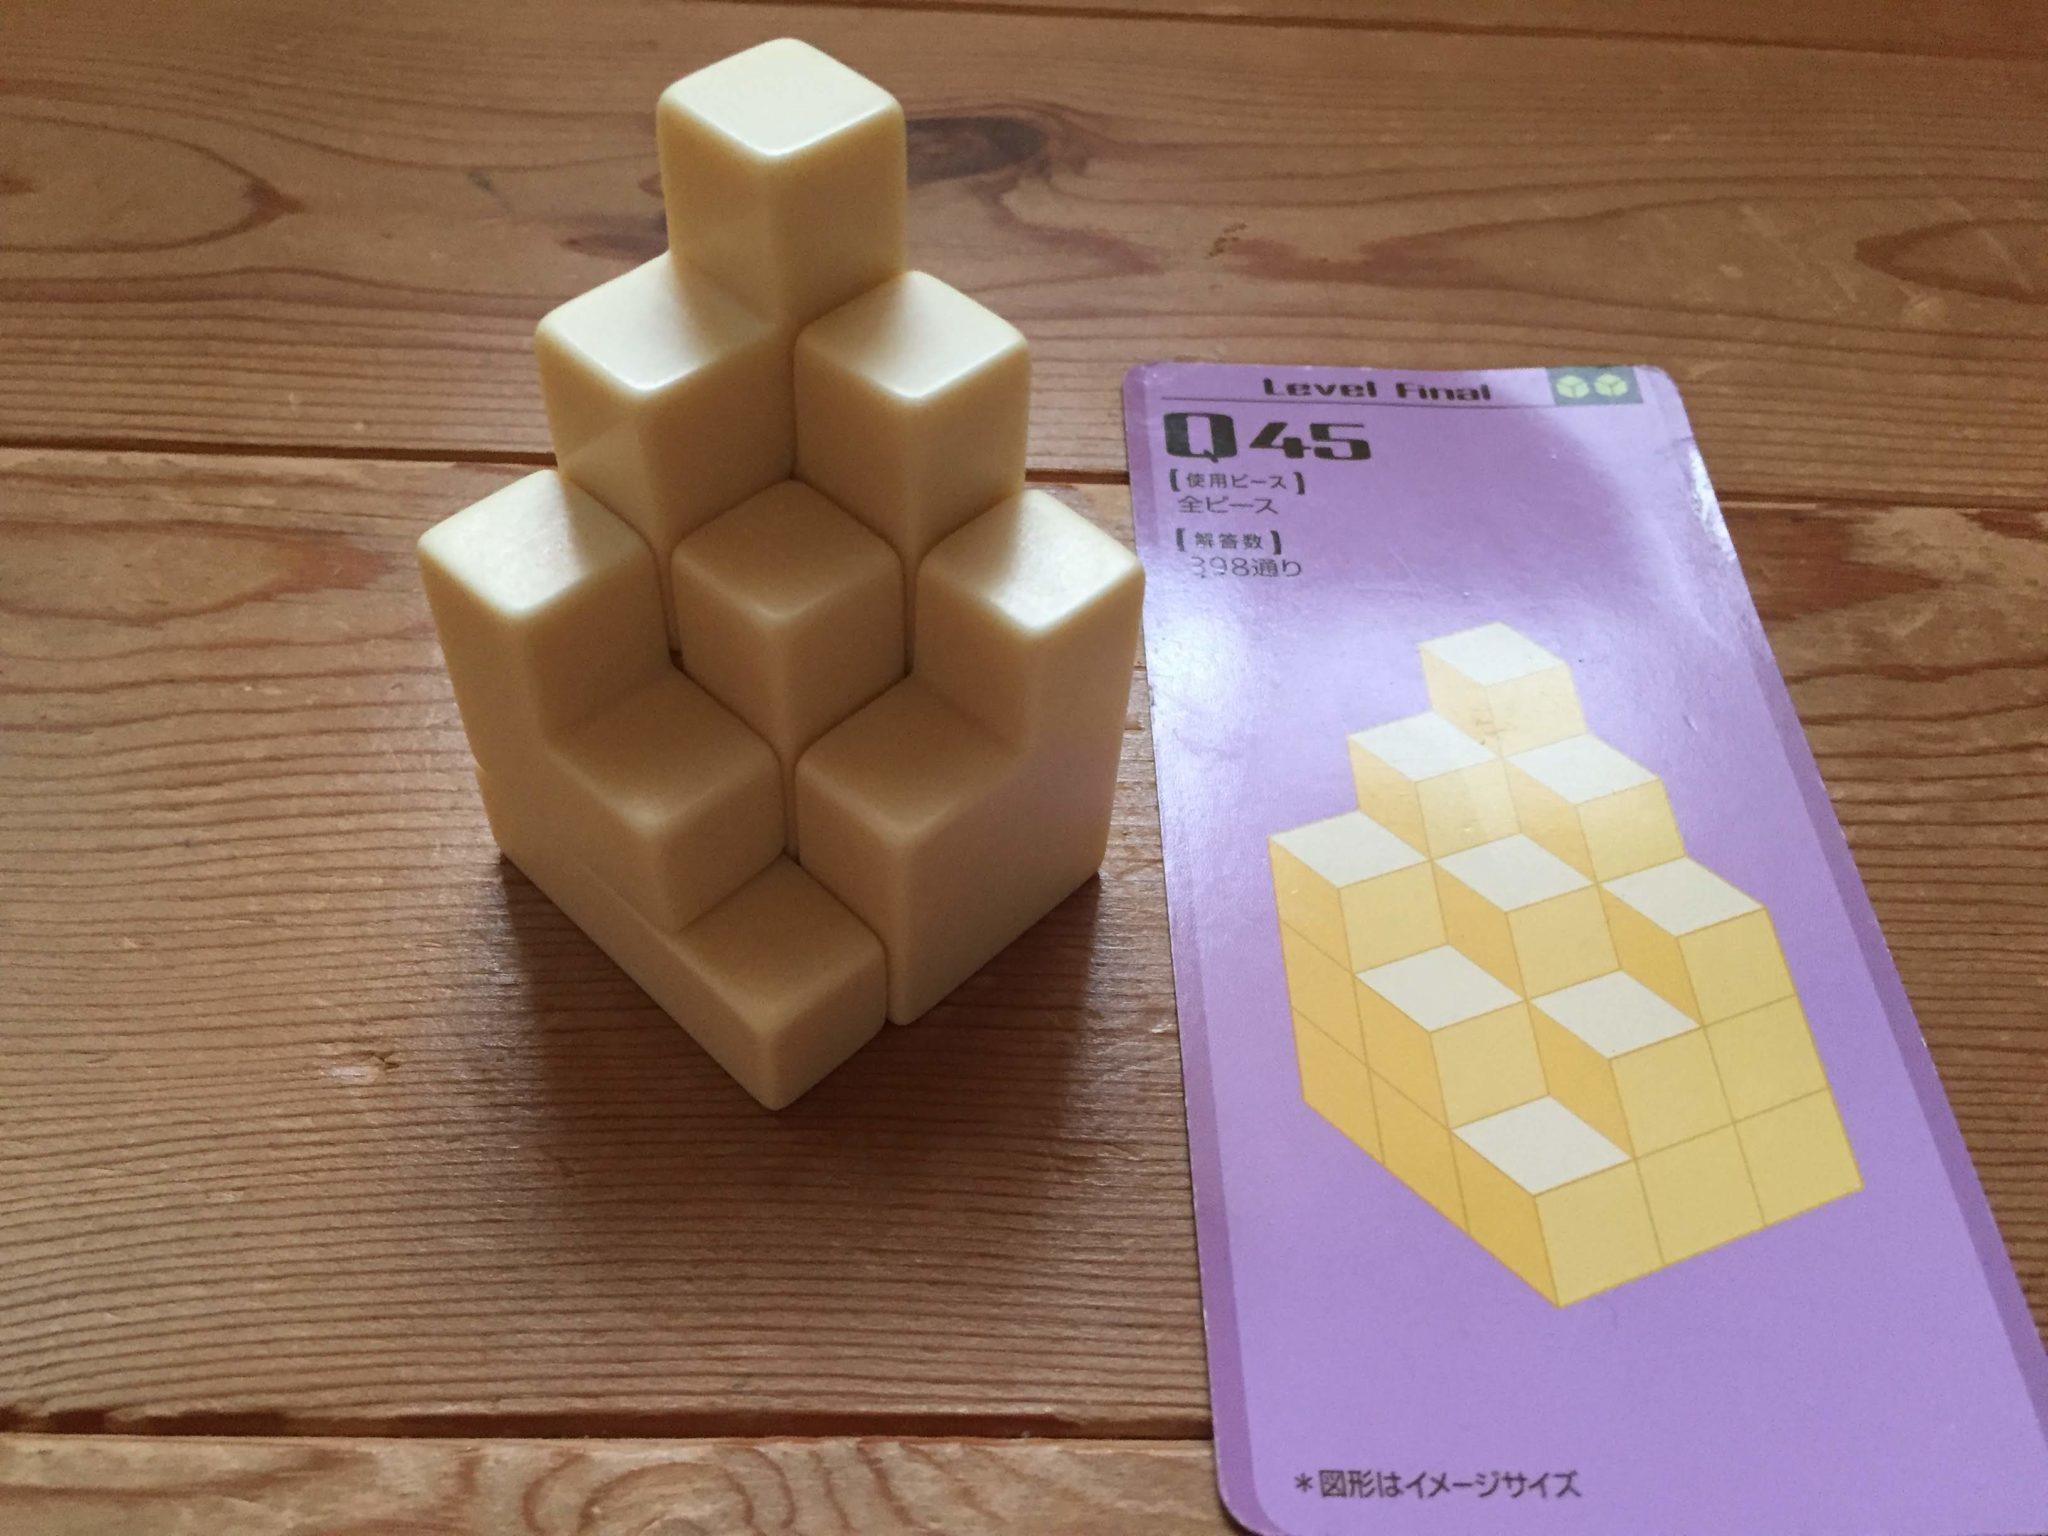 イージーキューブ 問題と解答